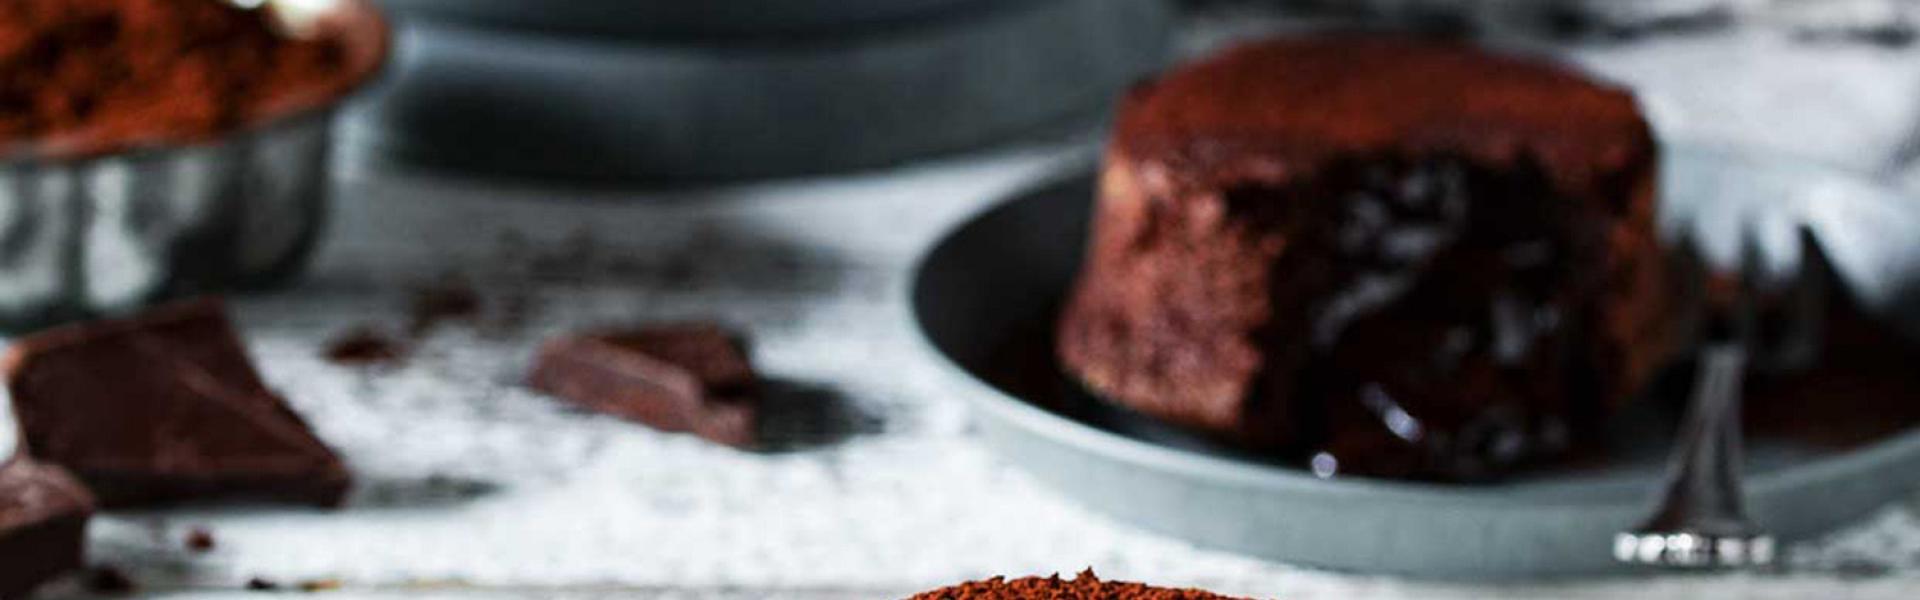 Lava Cake angebrochen auf einem Kuchenteller.